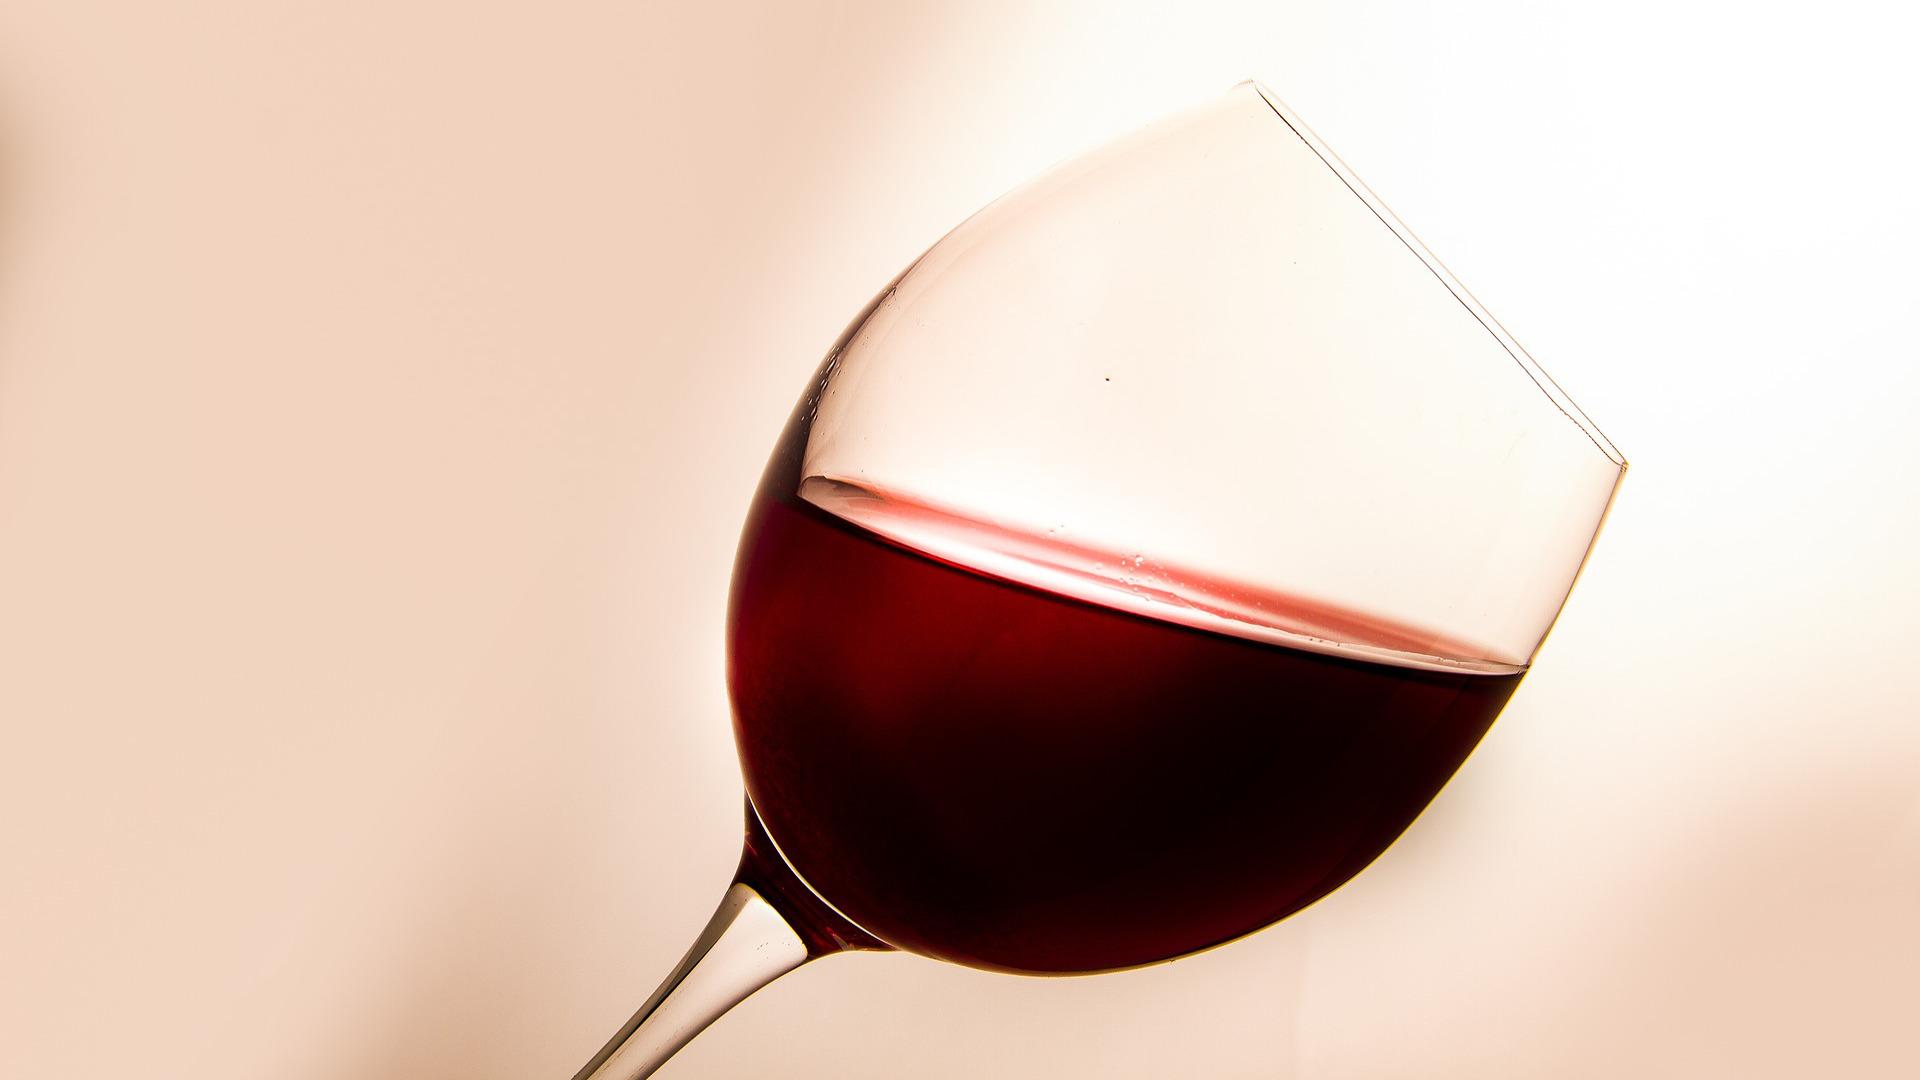 vinos sin alcohol de venerable